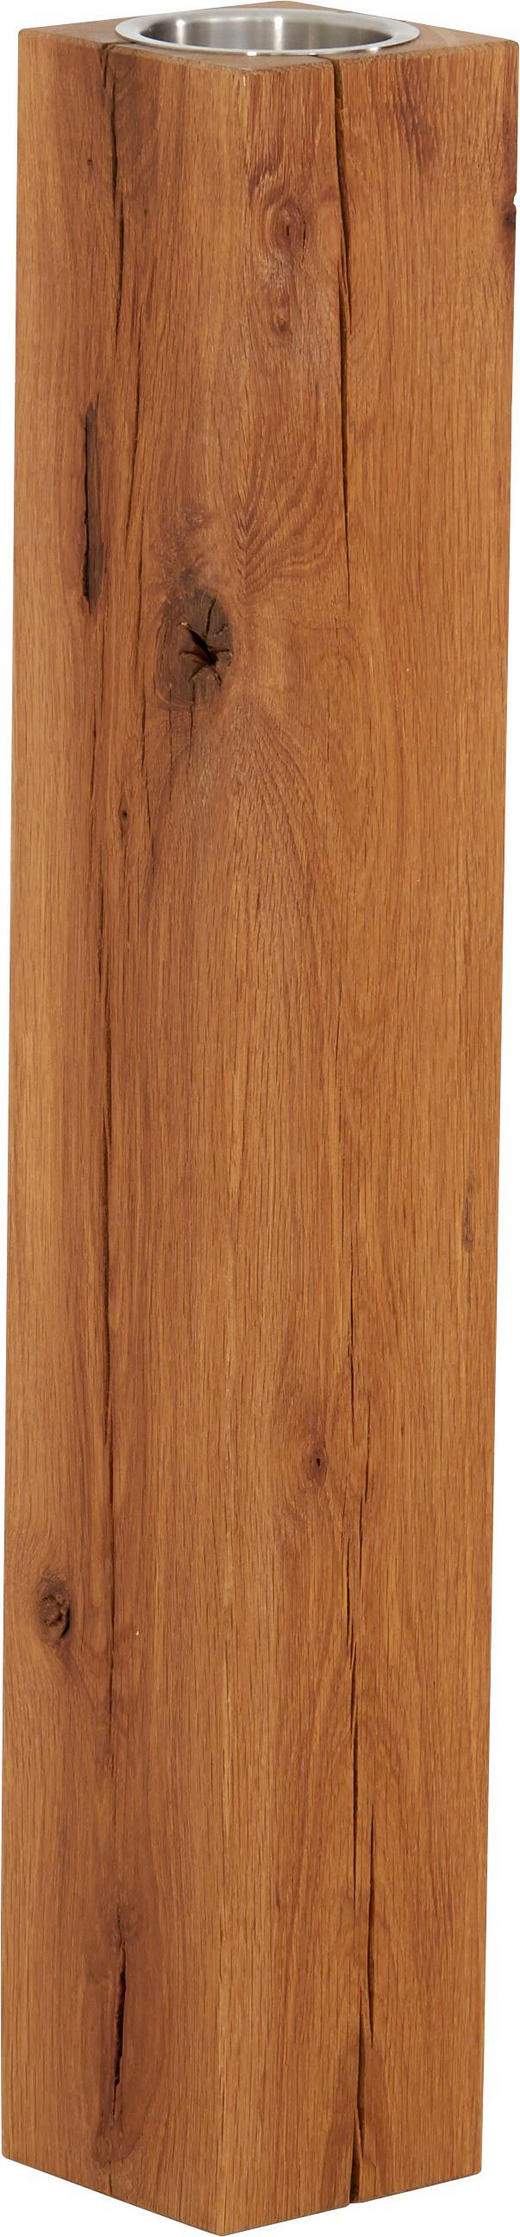 KERZENHALTER - Eichefarben, LIFESTYLE, Holz (14/80/14cm) - Linea Natura